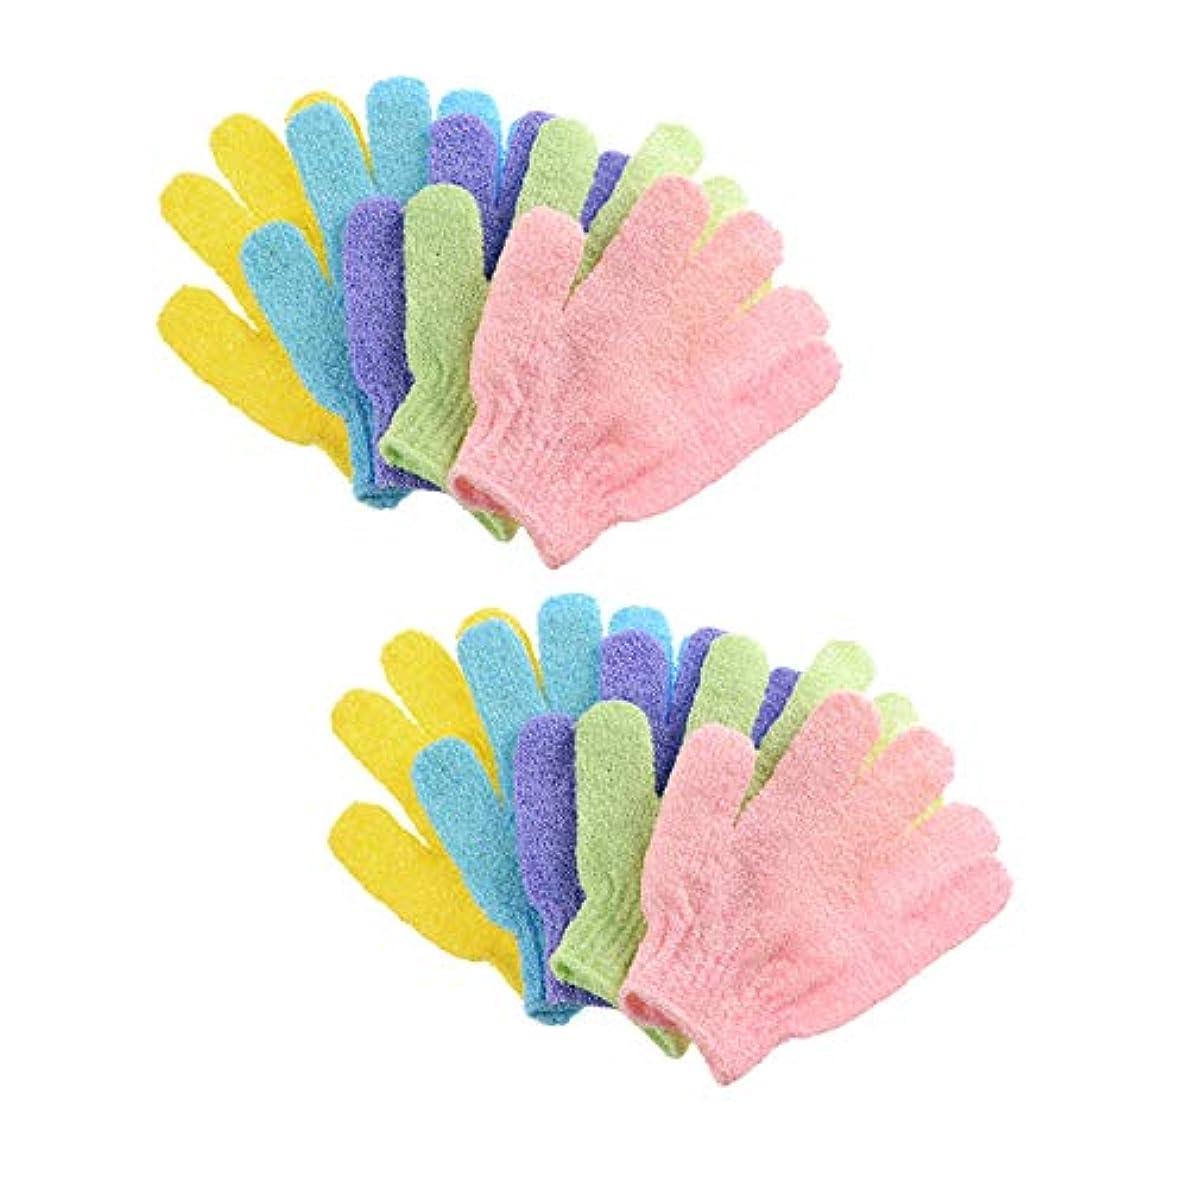 ブリードコンピューターを使用するぐるぐる浴用手袋 入浴用手袋 お風呂用手袋 5ペア角質除去バスグローブ 抗菌加工 ボディタオル シャワーボディーグローブ 両面スクラブバスグローブボディスクラブエクスフォリエーター用 男女兼用